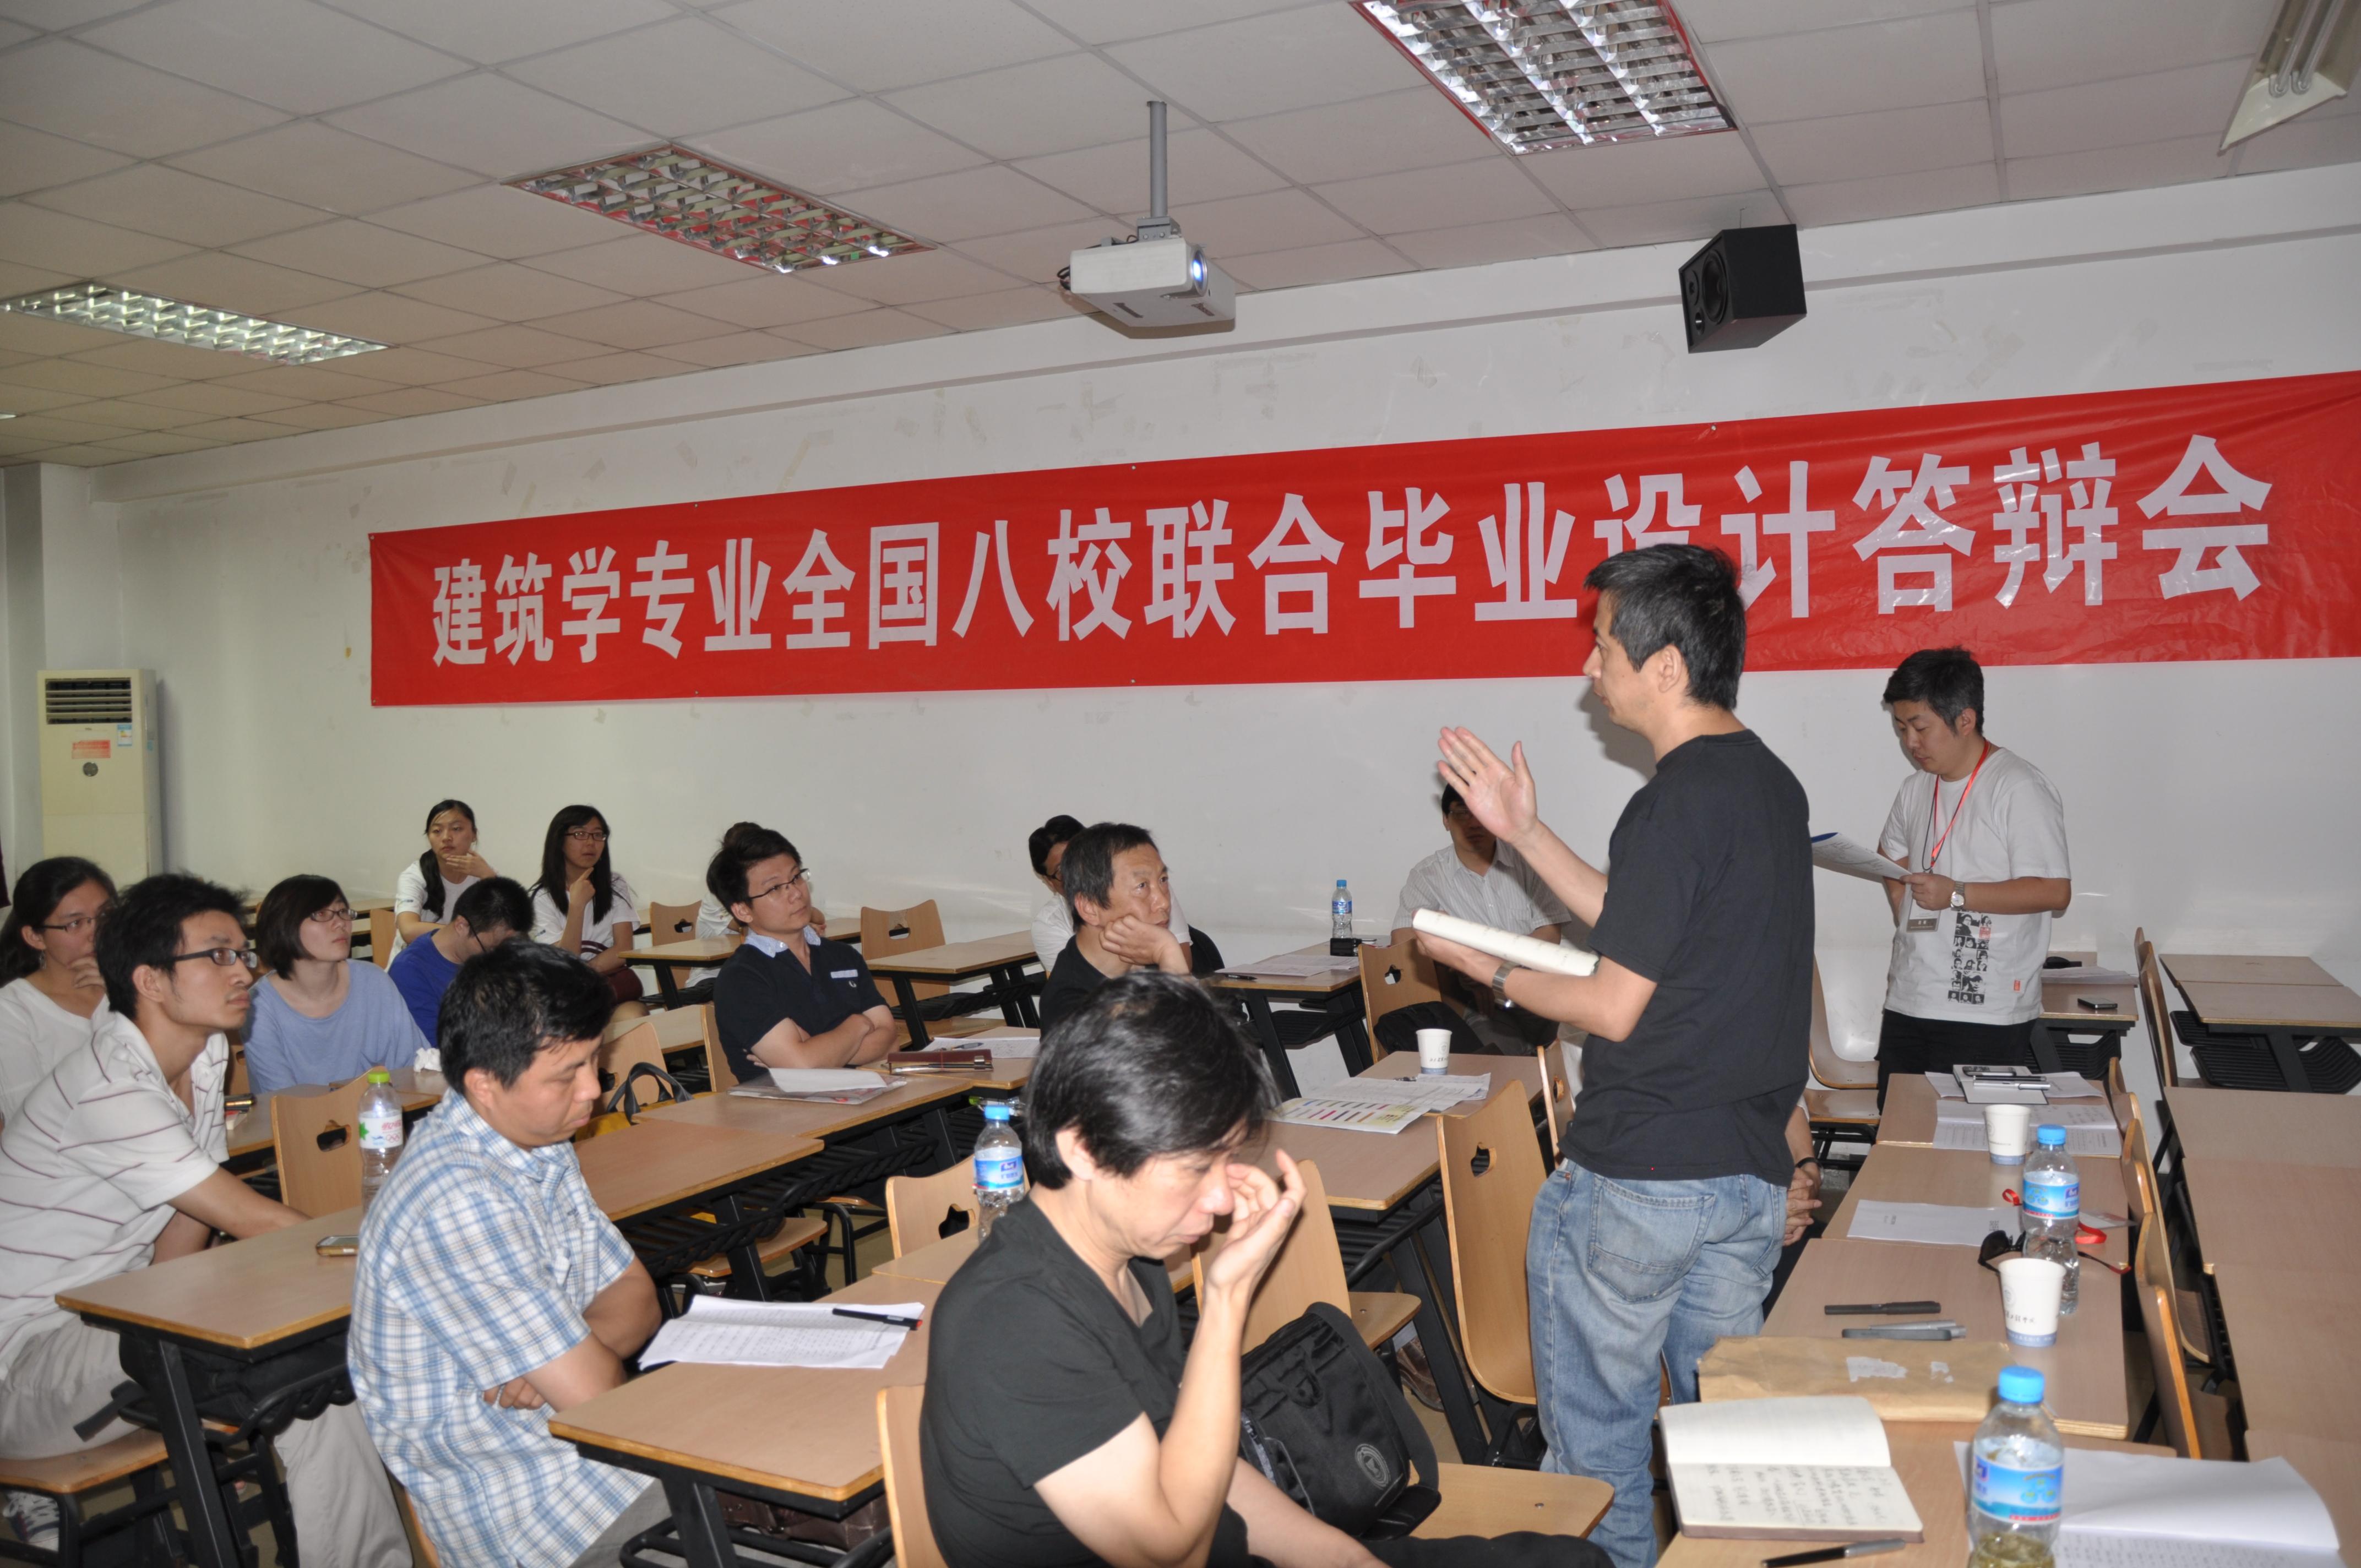 八校联合毕业设计期终答辩暨设计作品展在我校举行